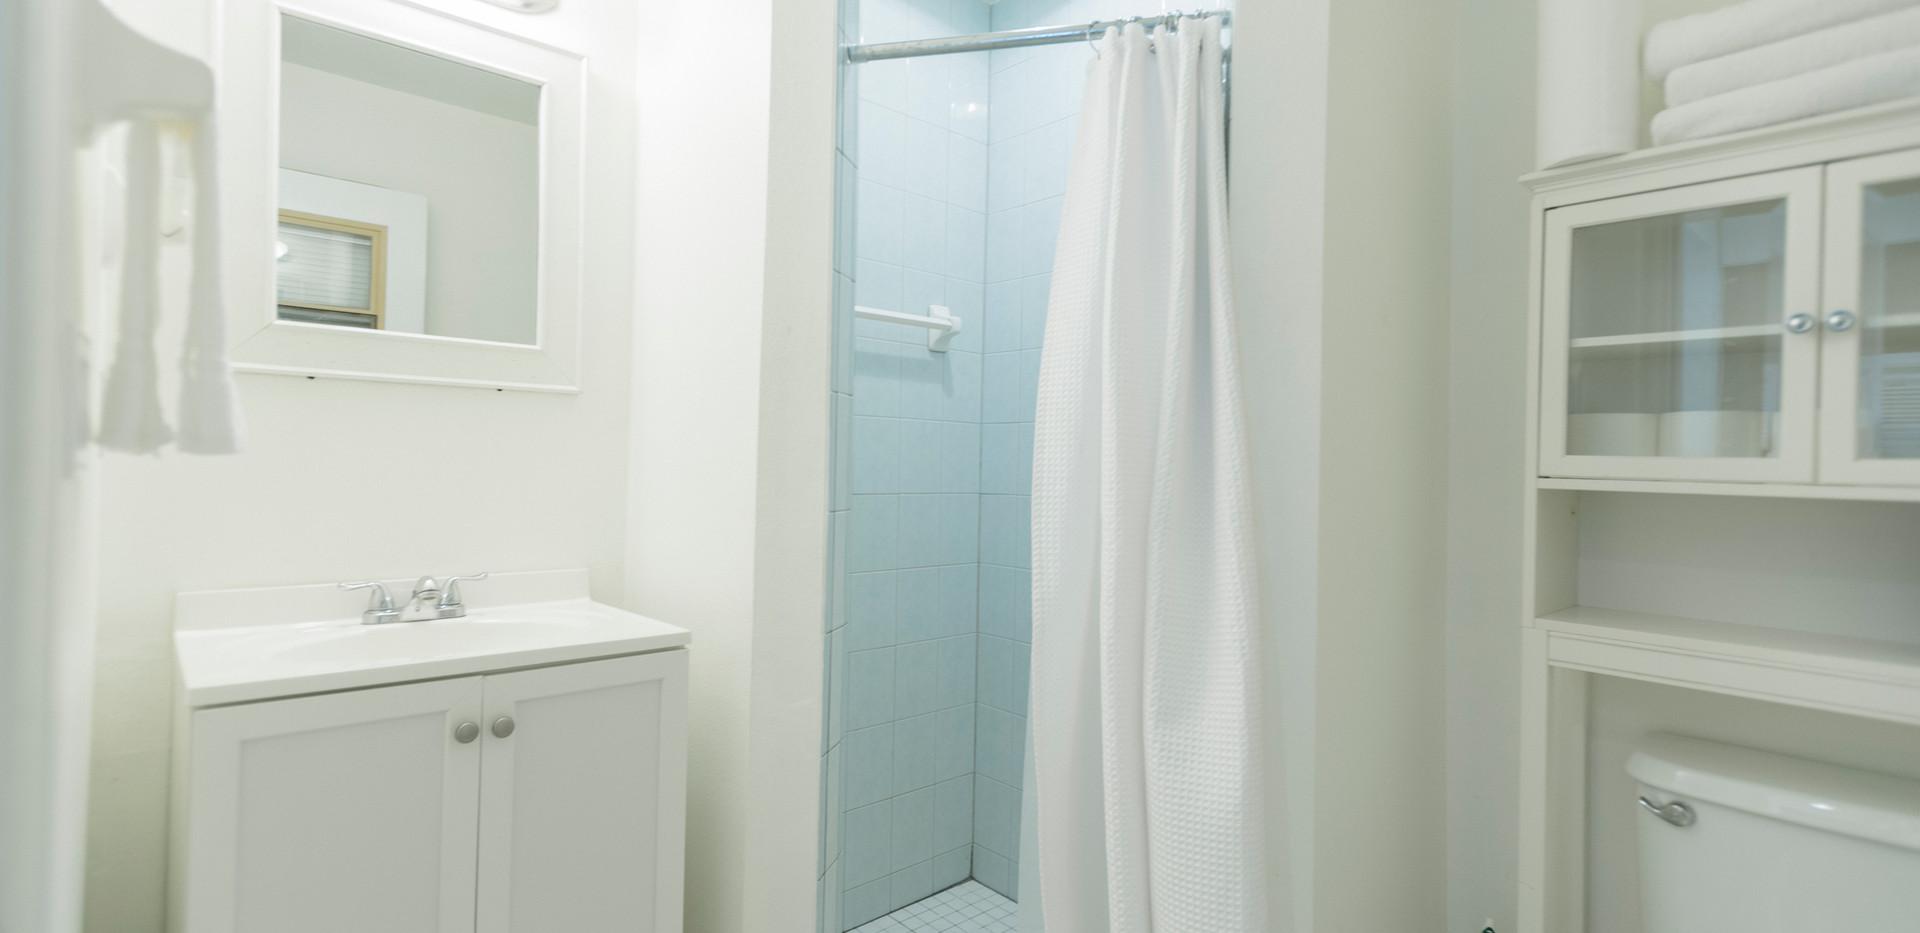 Private Apartment Bath